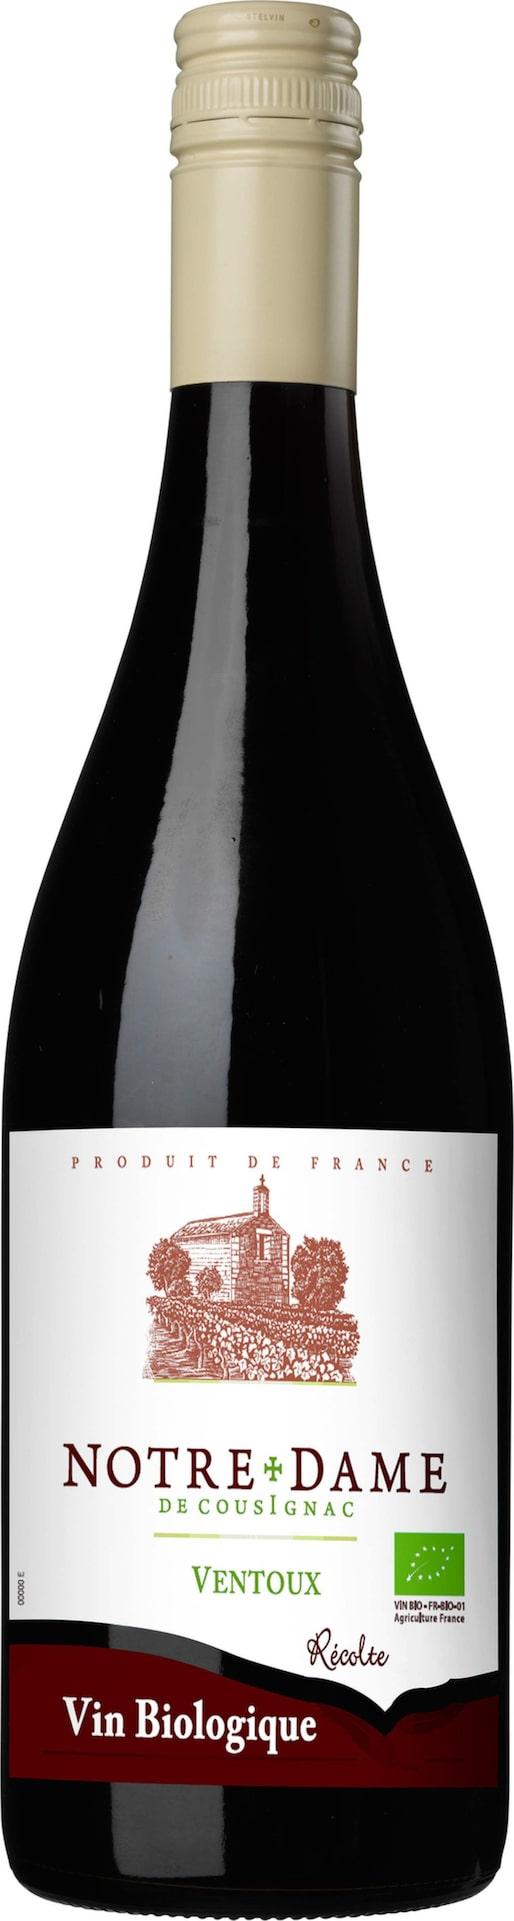 RöttNotre Dame de Cousignac Ventoux 2013(2406) Ventoux, 72 krUngt med toner av mogna plommon, körsbär och kryddor. Ekovin. Gärna till kryddiga korvar med rostade rotfrukter.